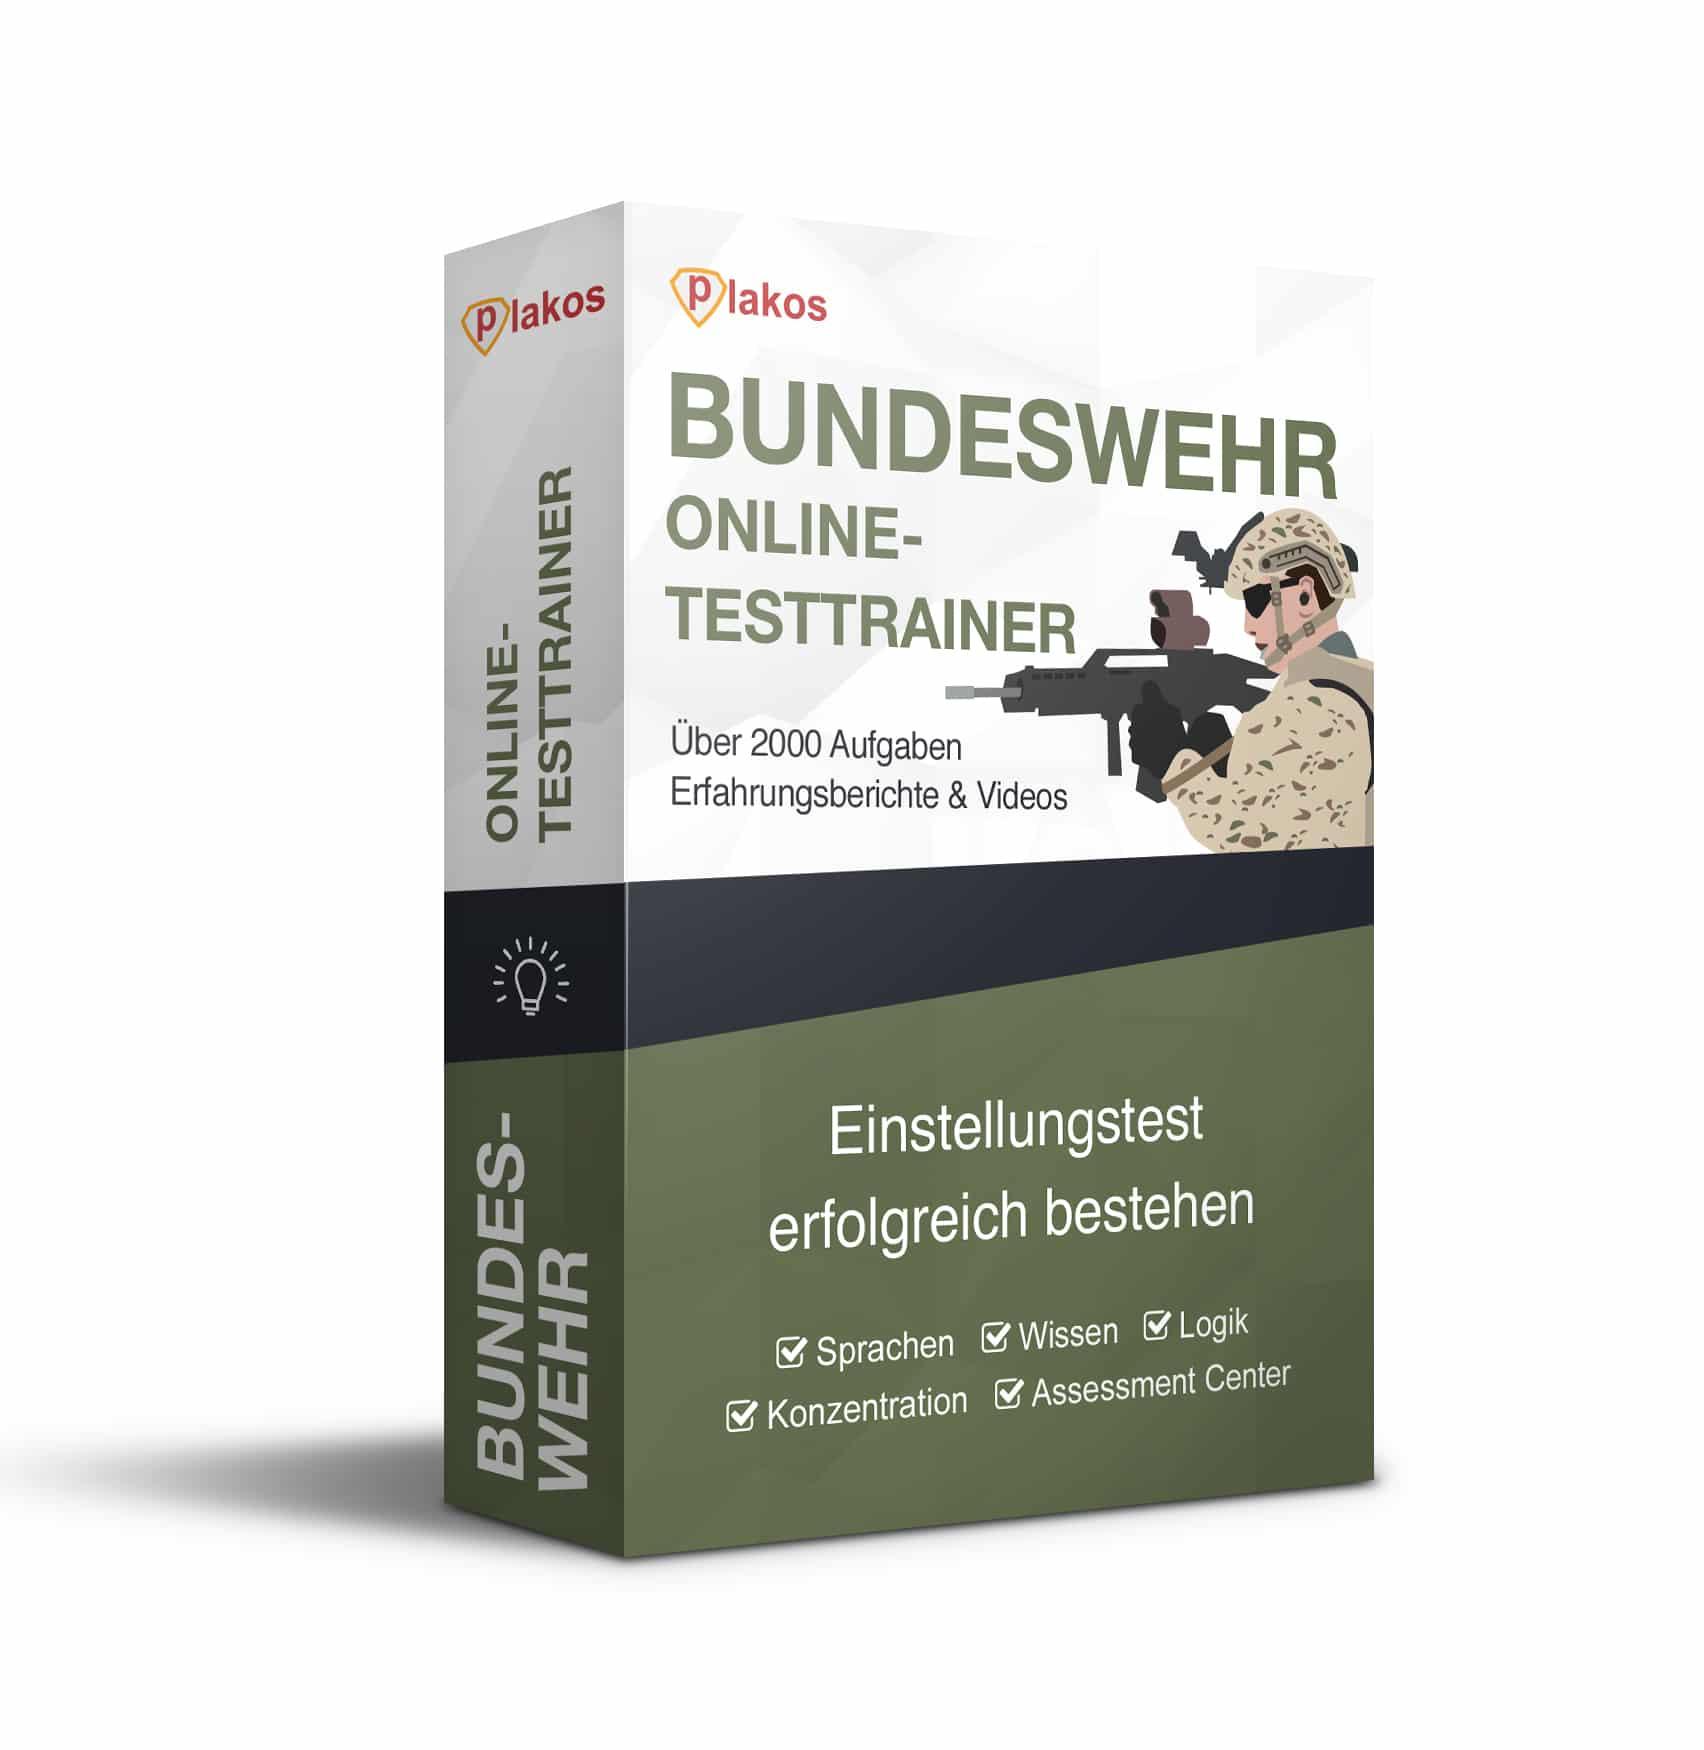 bundeswehr einstellungstest online testtrainer - Bundeswehr Online Bewerbung